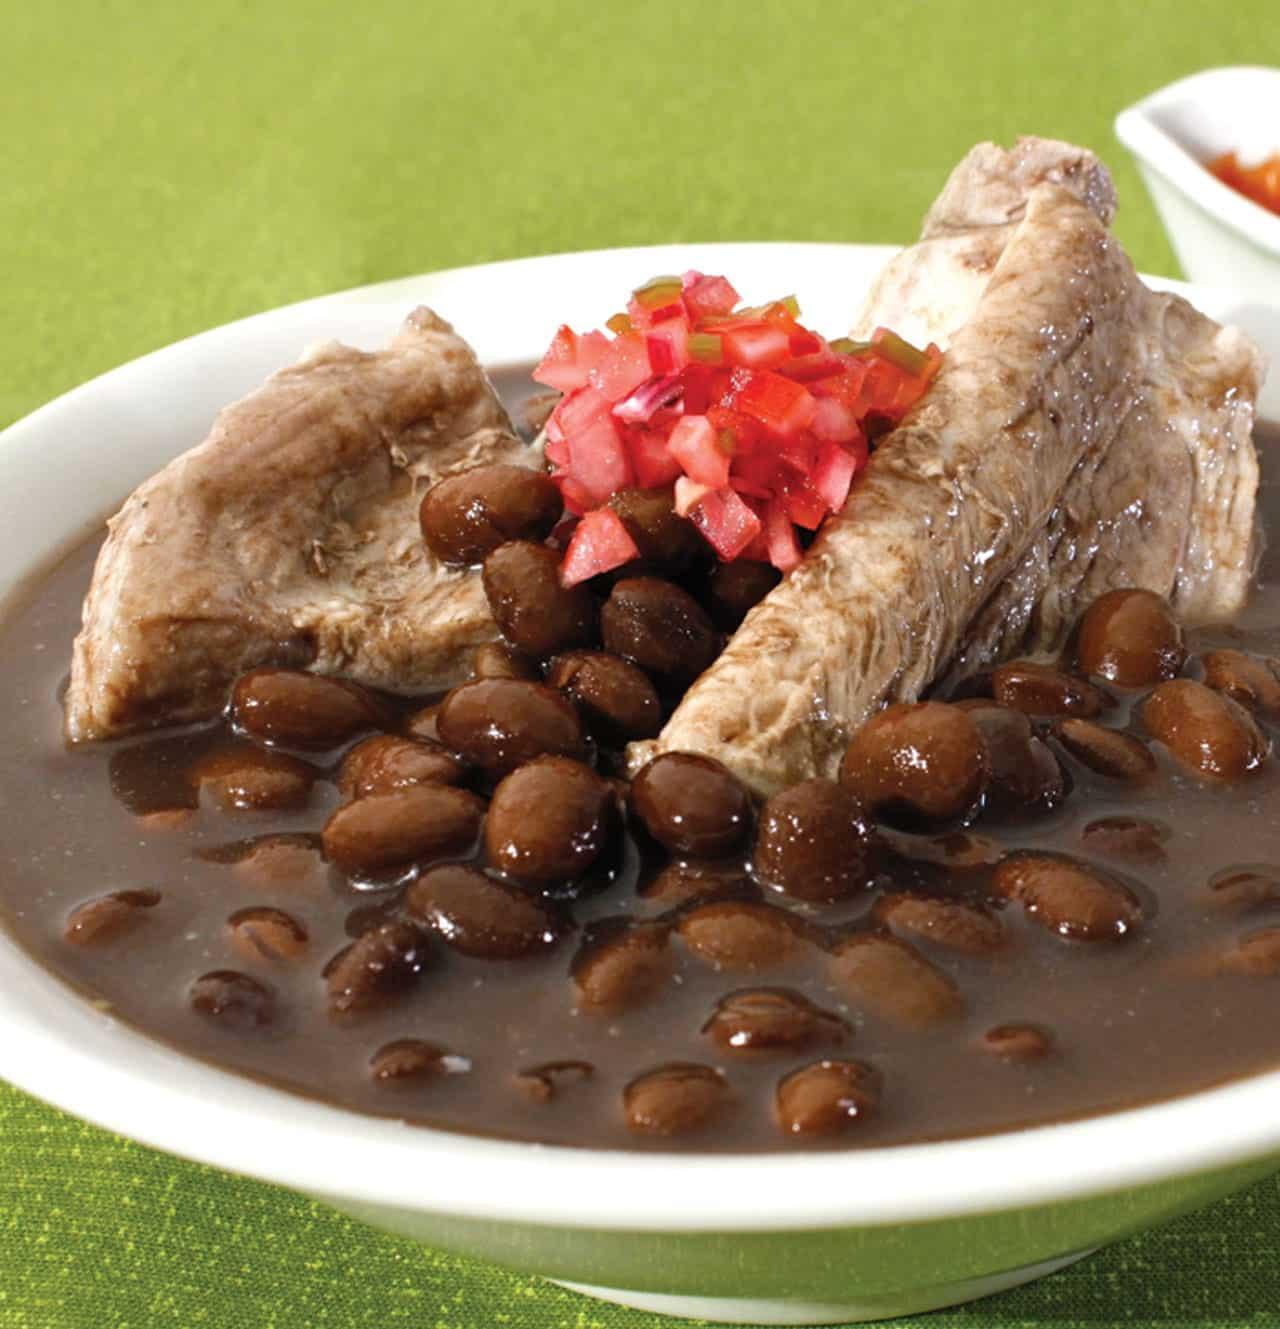 Foto: Platillo, frijoles con carne de puerco. © Ediciones Larousse.